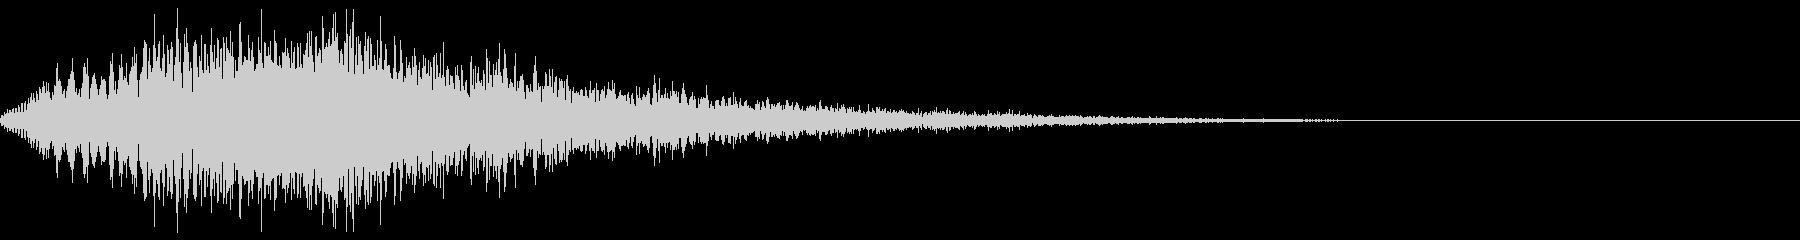 汎用性抜群のキラキラ音・尺も短めの未再生の波形